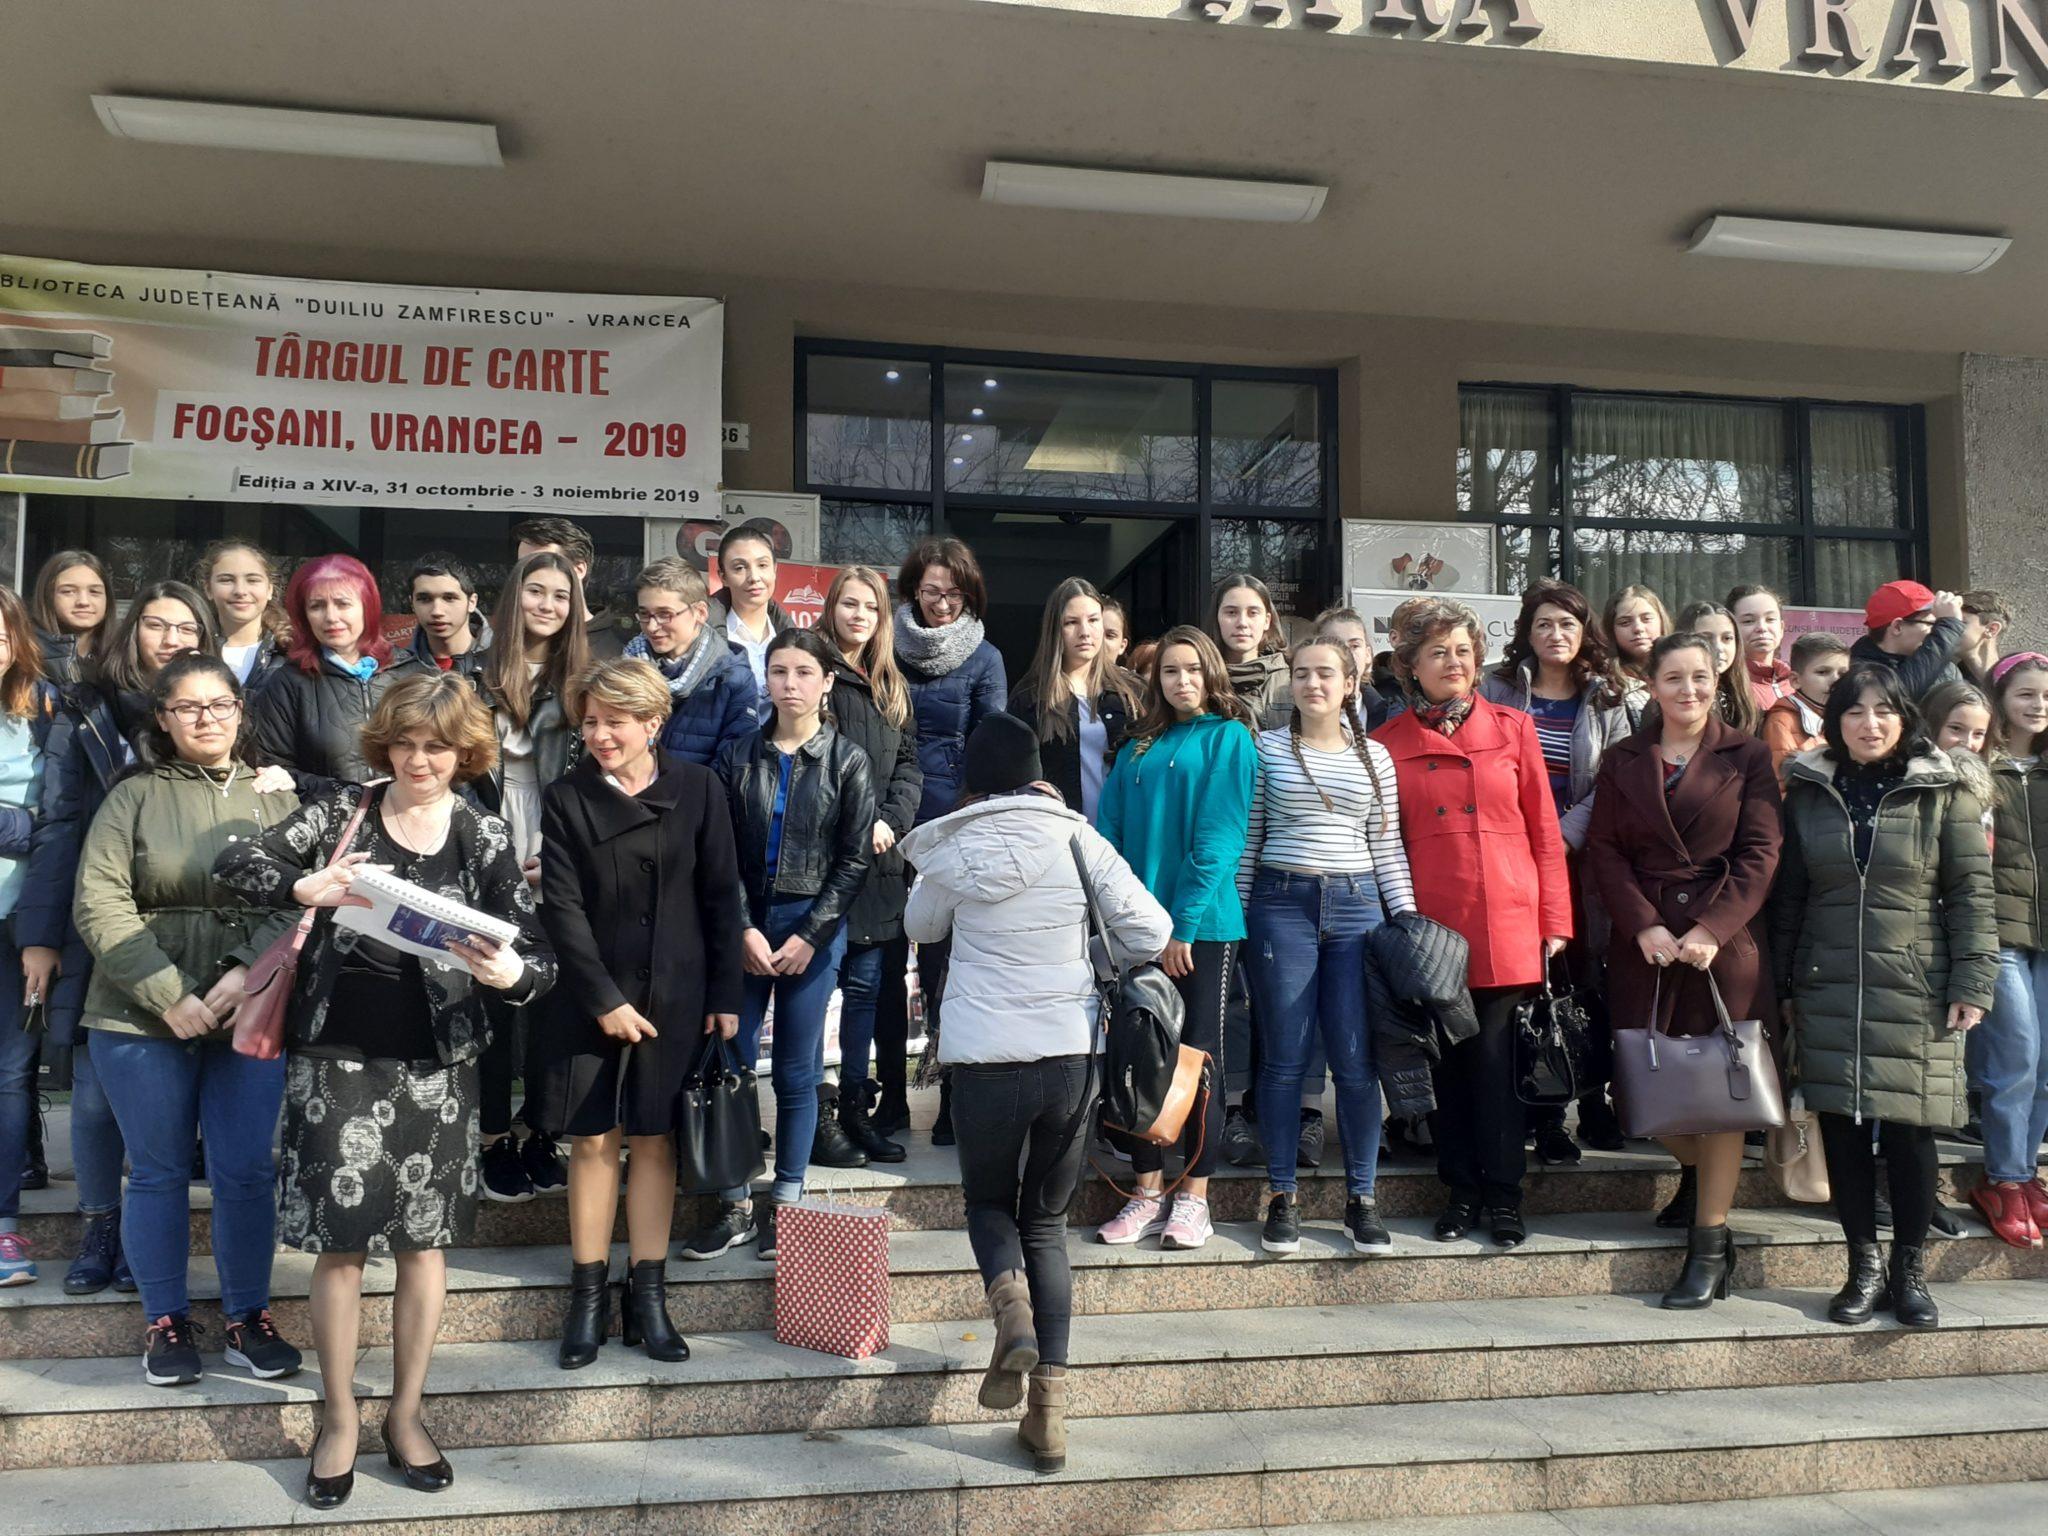 comunicat de presa de tineret (5)